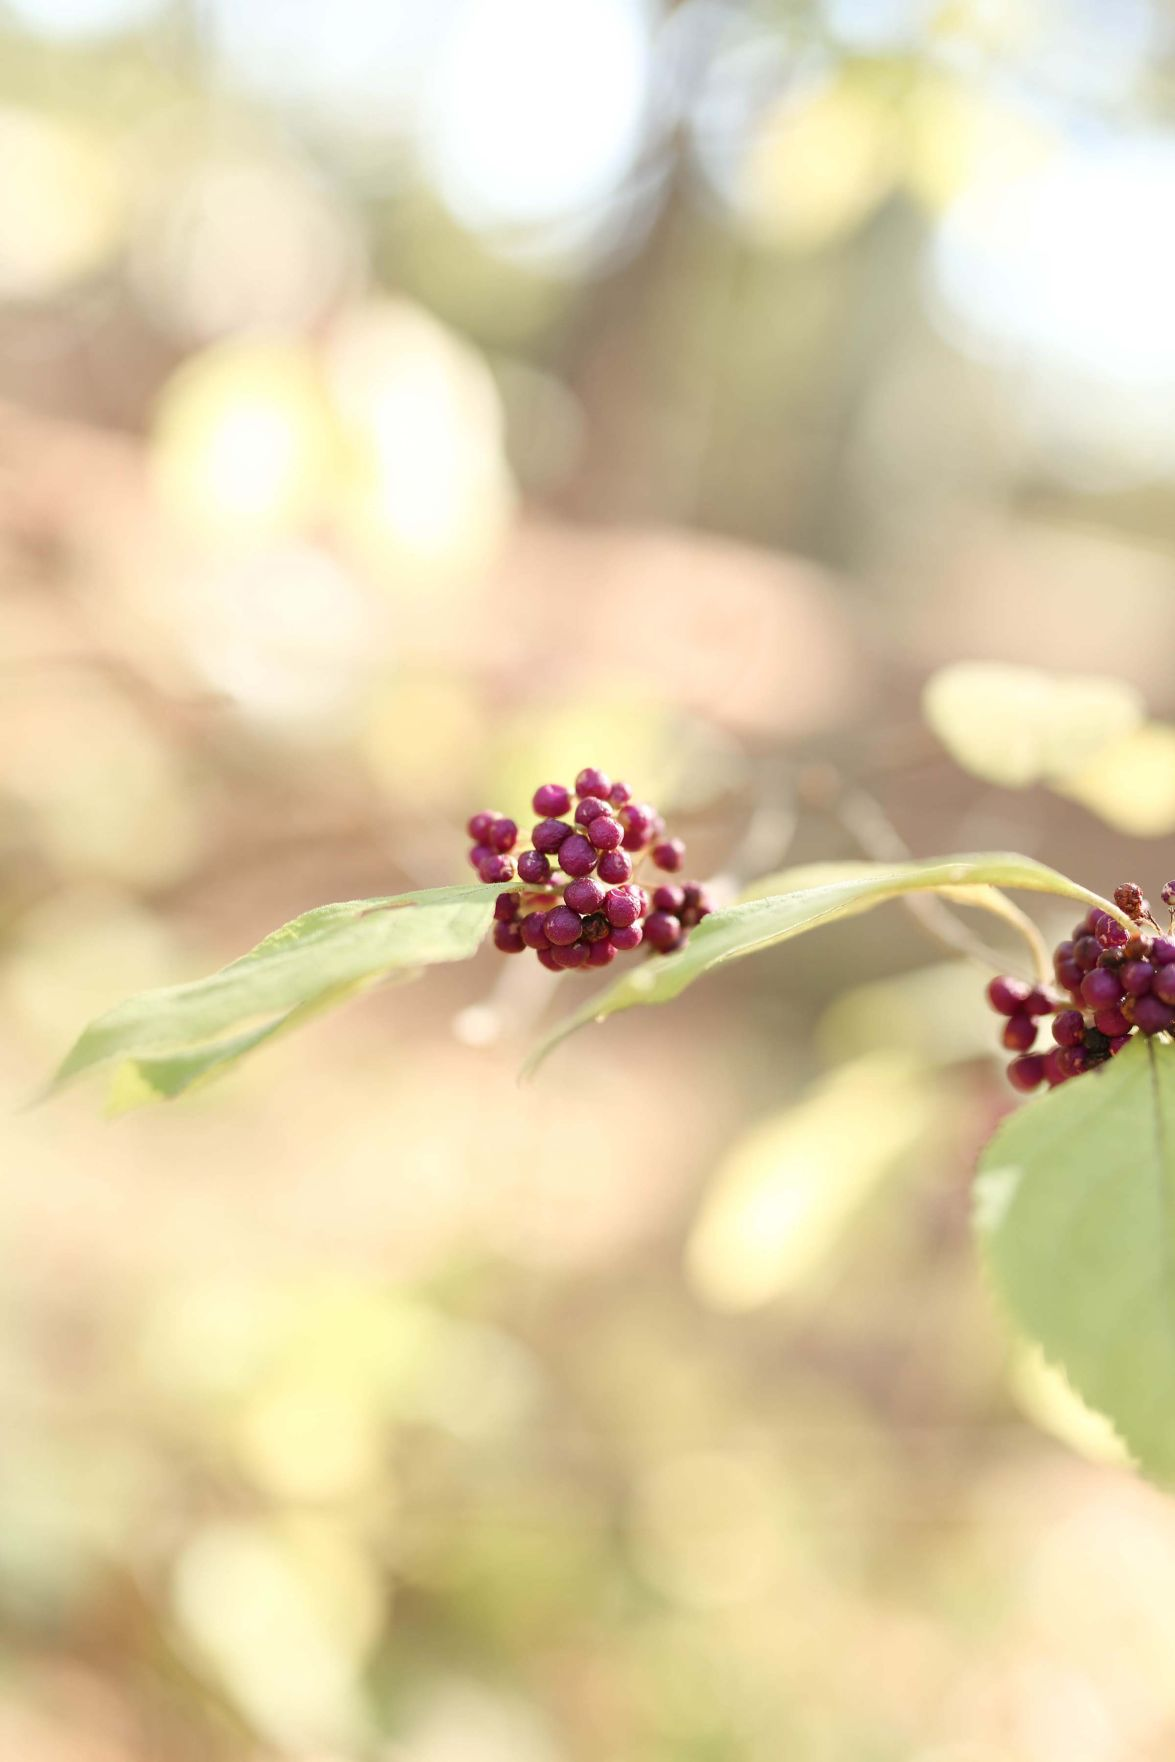 Beautyberries